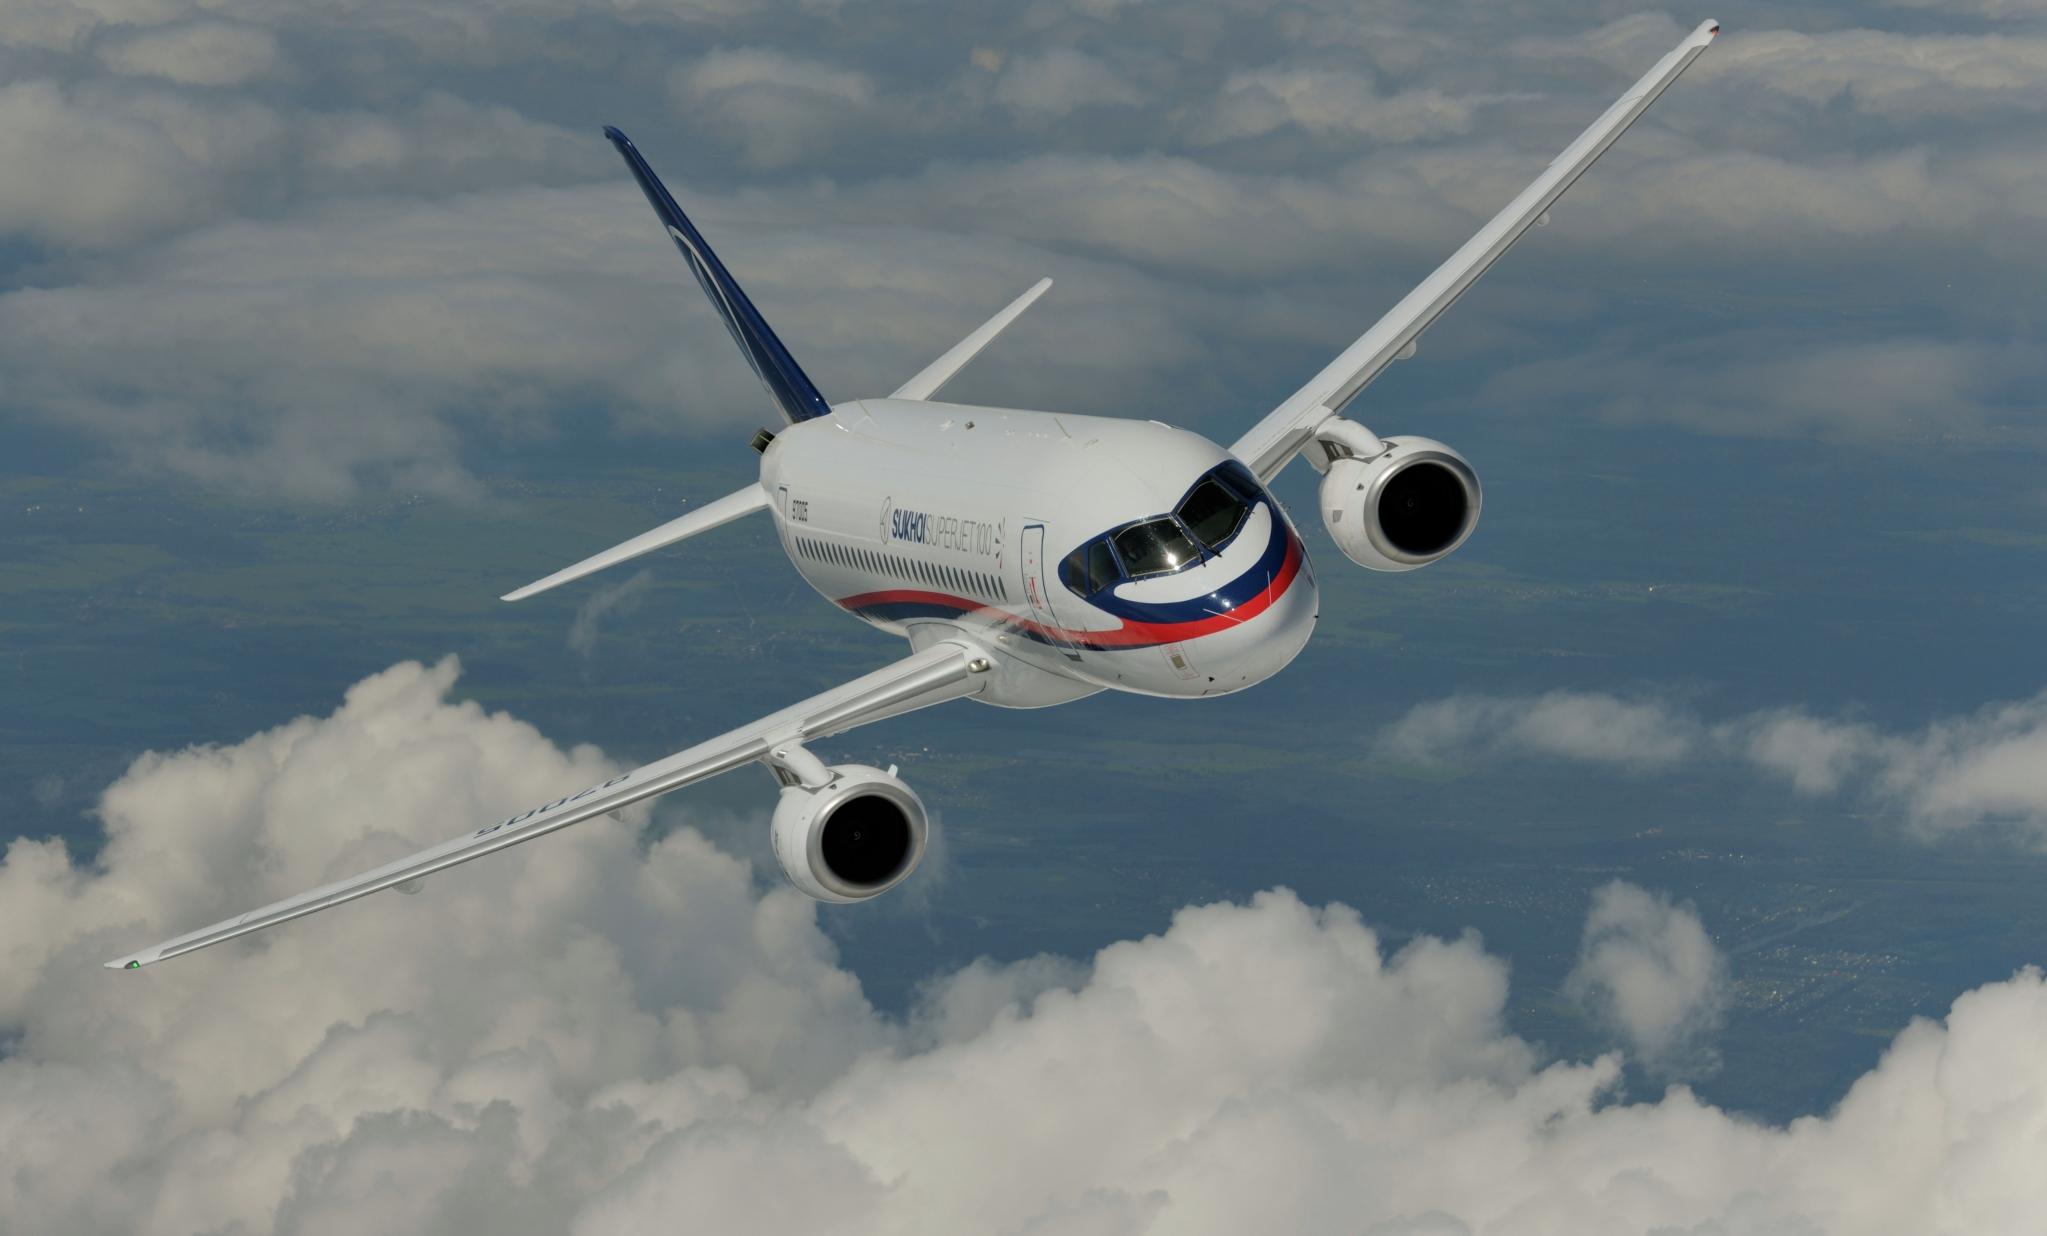 image007 5 - Аэропорт Омска начнет обслуживать SSJ 100